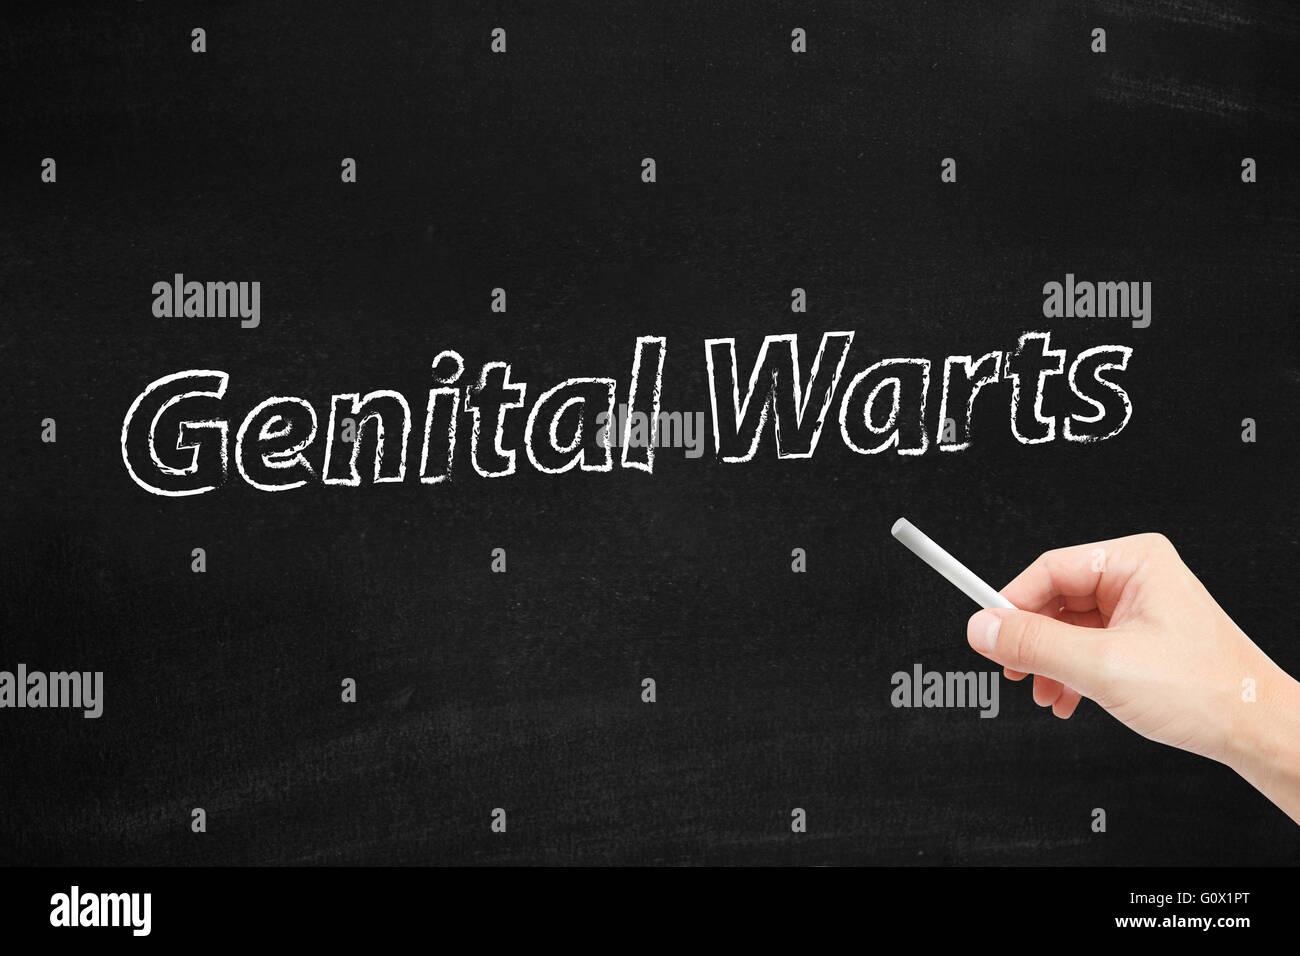 Genital Warts written on a blackboard - Stock Image